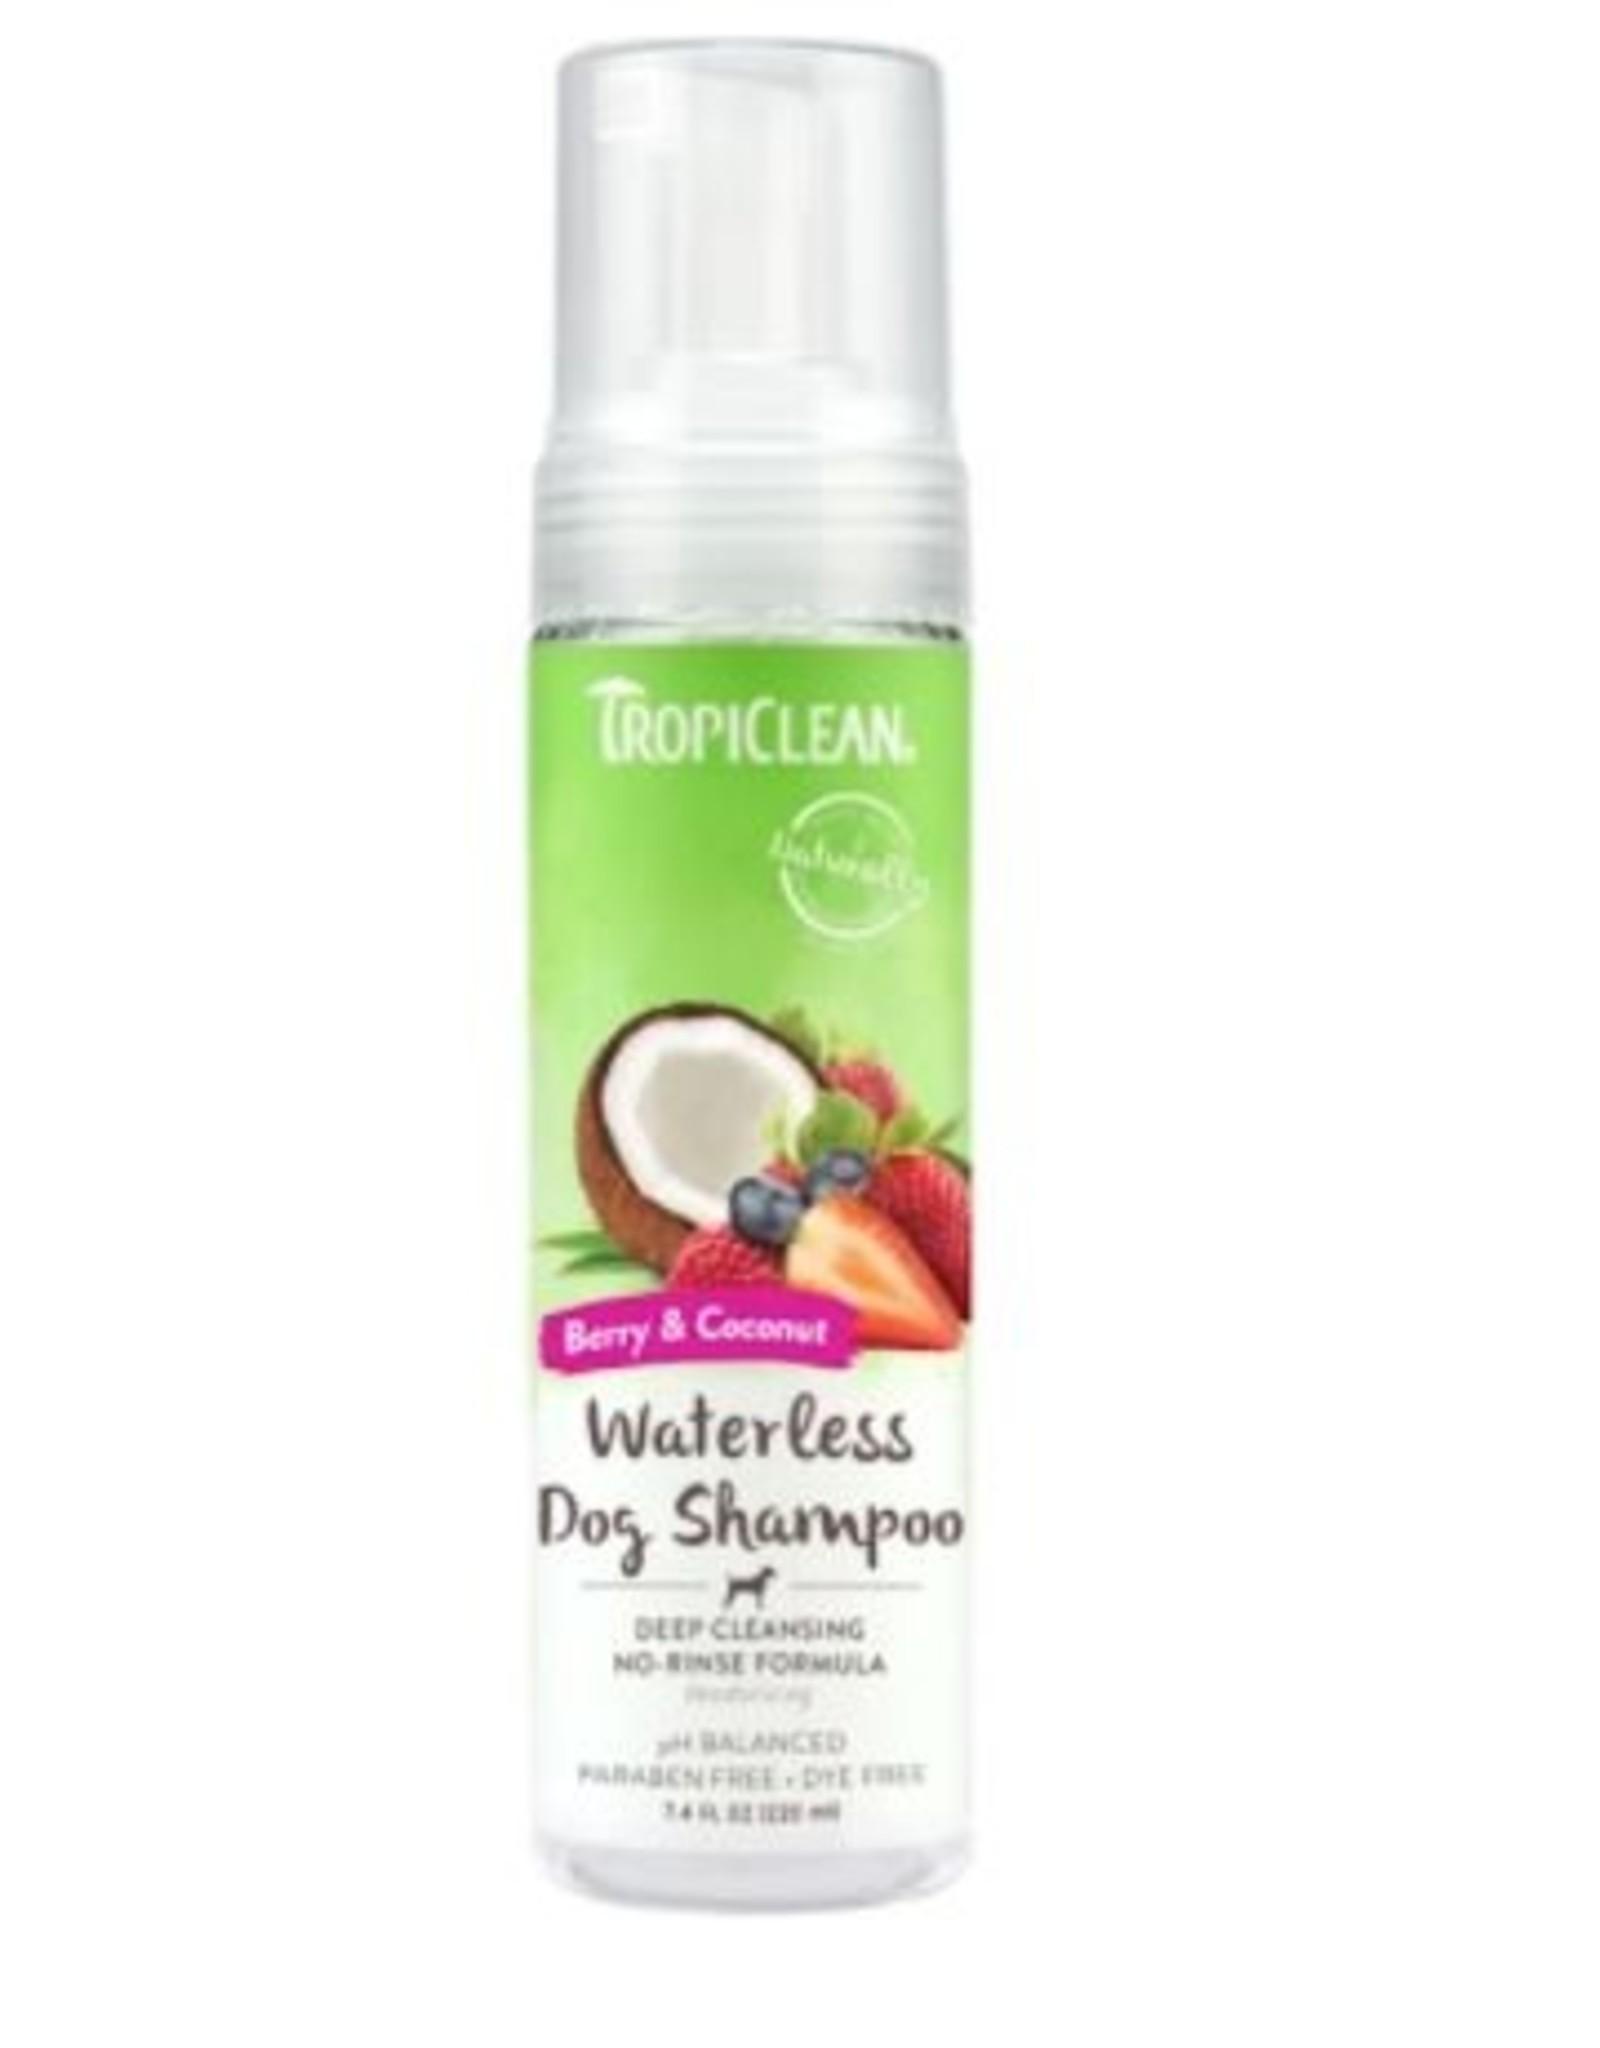 TropiClean Waterless Deep Shampoo 7.4oz